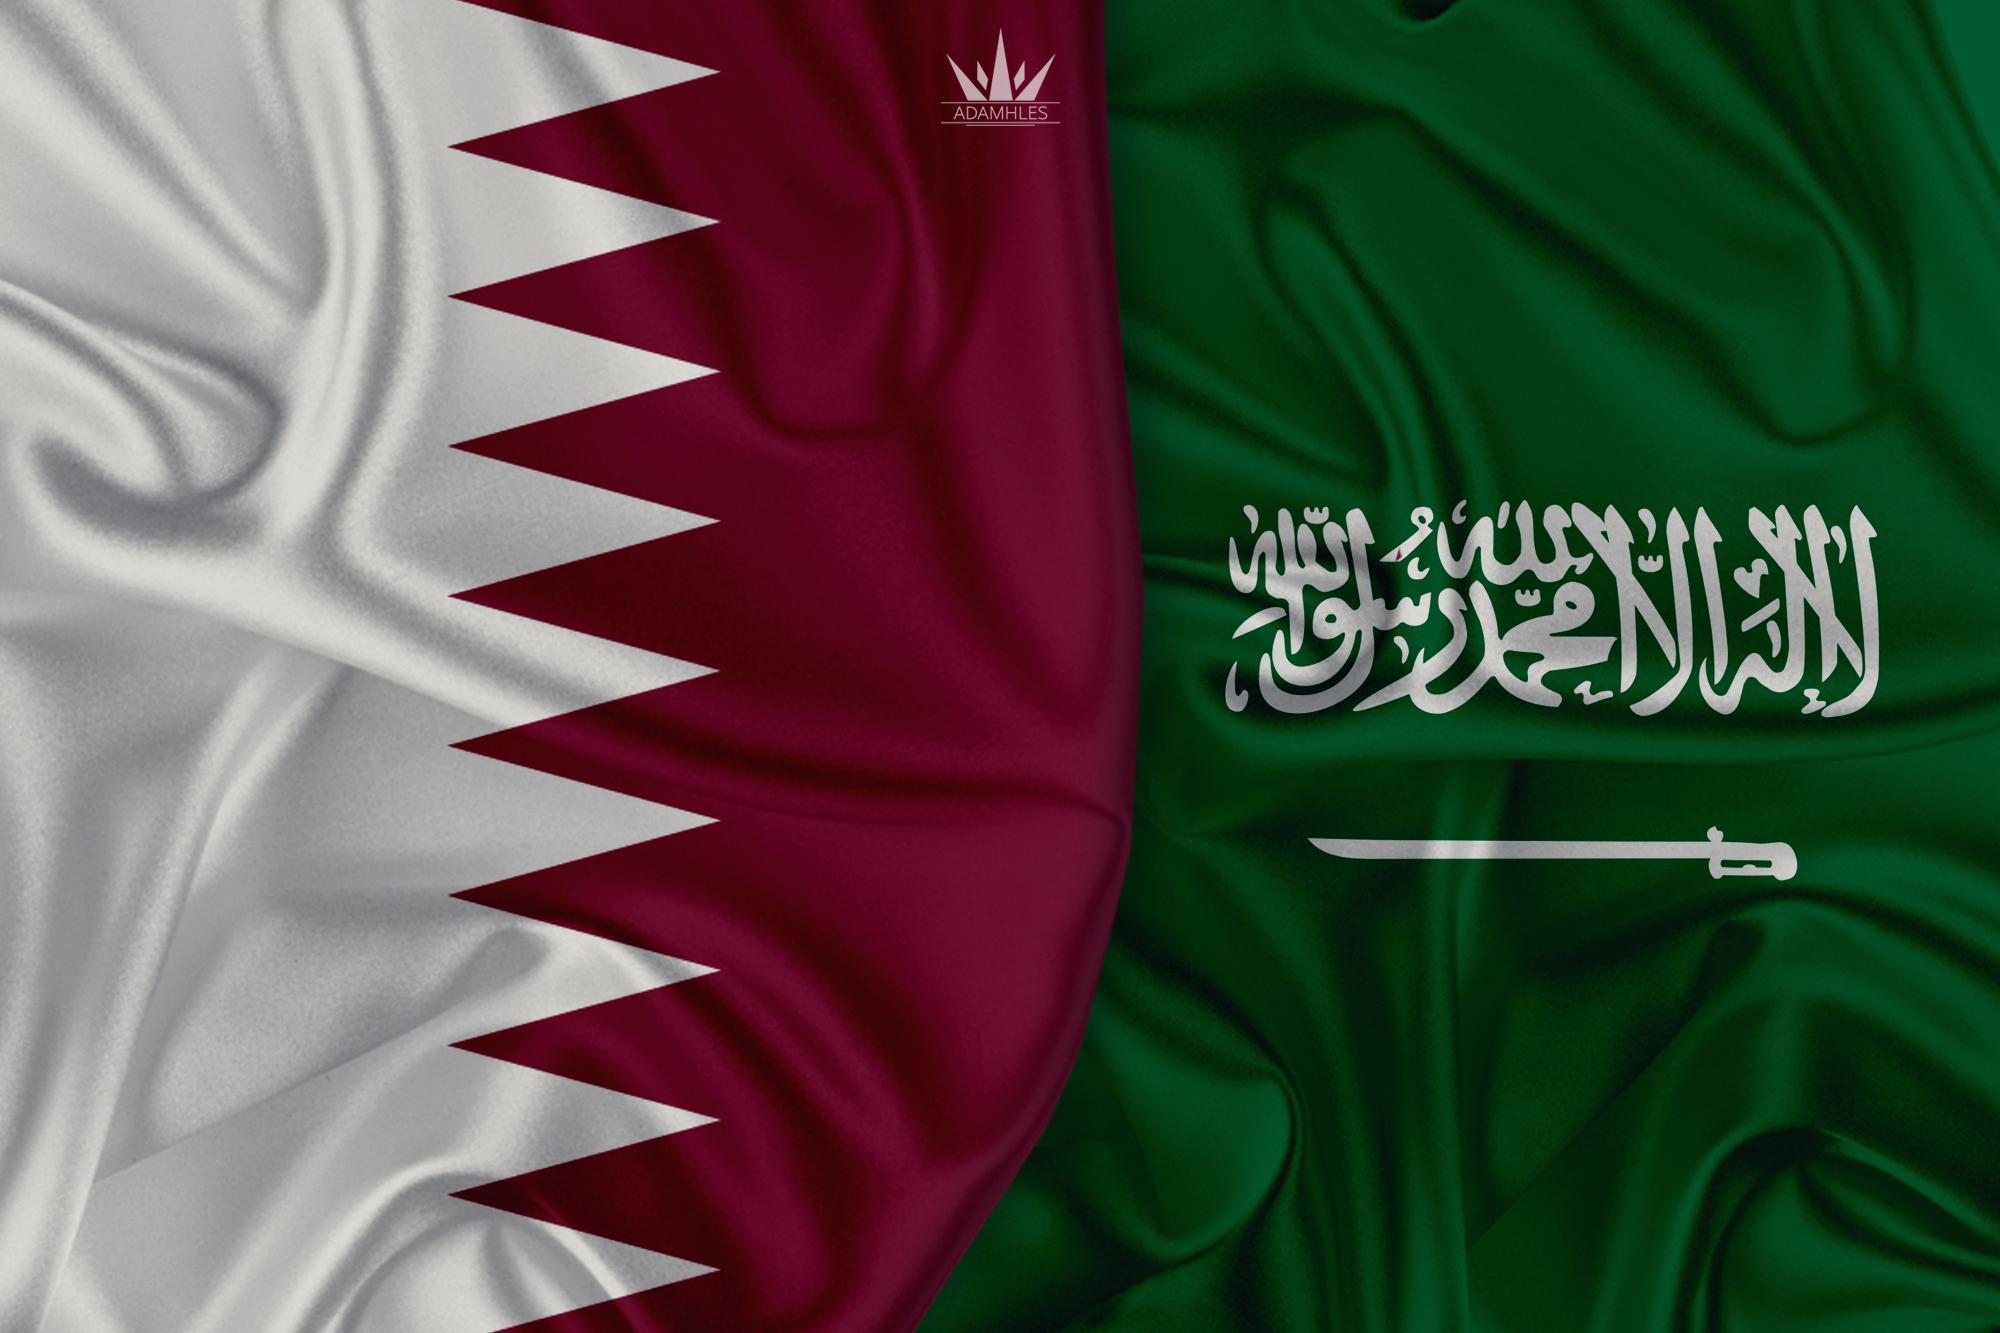 خلفية علم السعودية وقطر اجمل خلفيات العلم السعودي والعلم القطري Qatar and Saudi Arabia